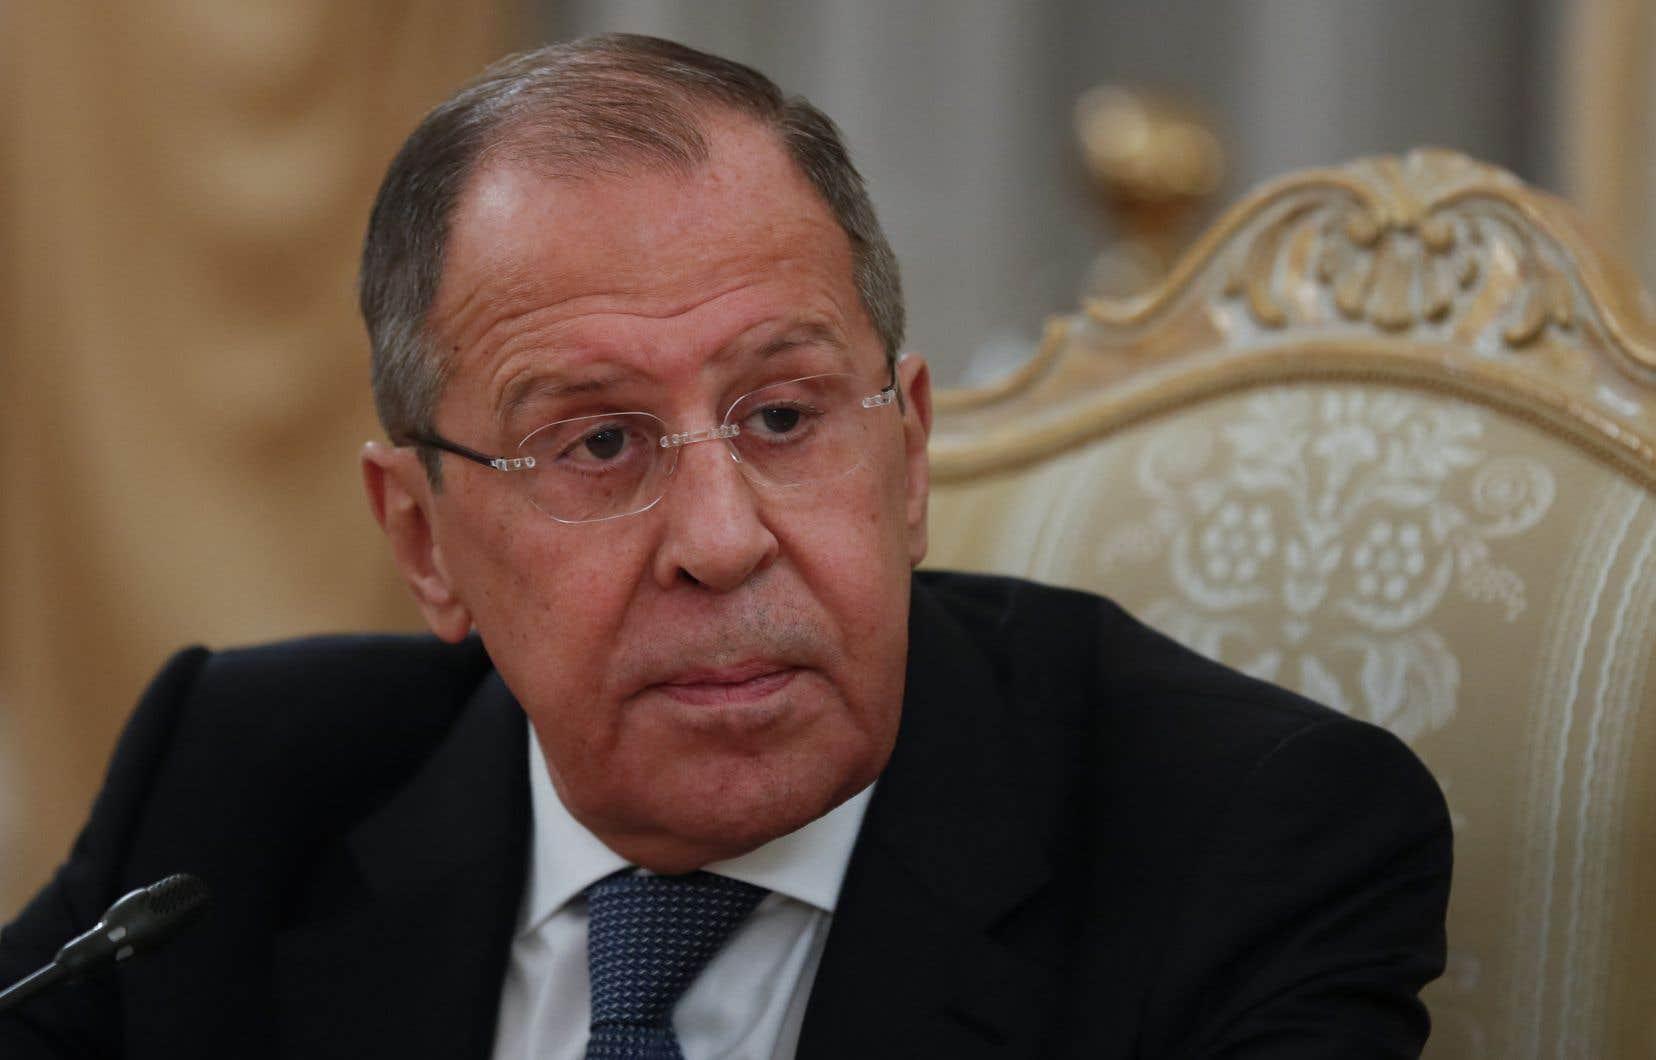 Le chef de la diplomatie russe, Sergueï Lavrov, a notamment annoncé vendredi l'expulsion prochaine de dix diplomates américains.